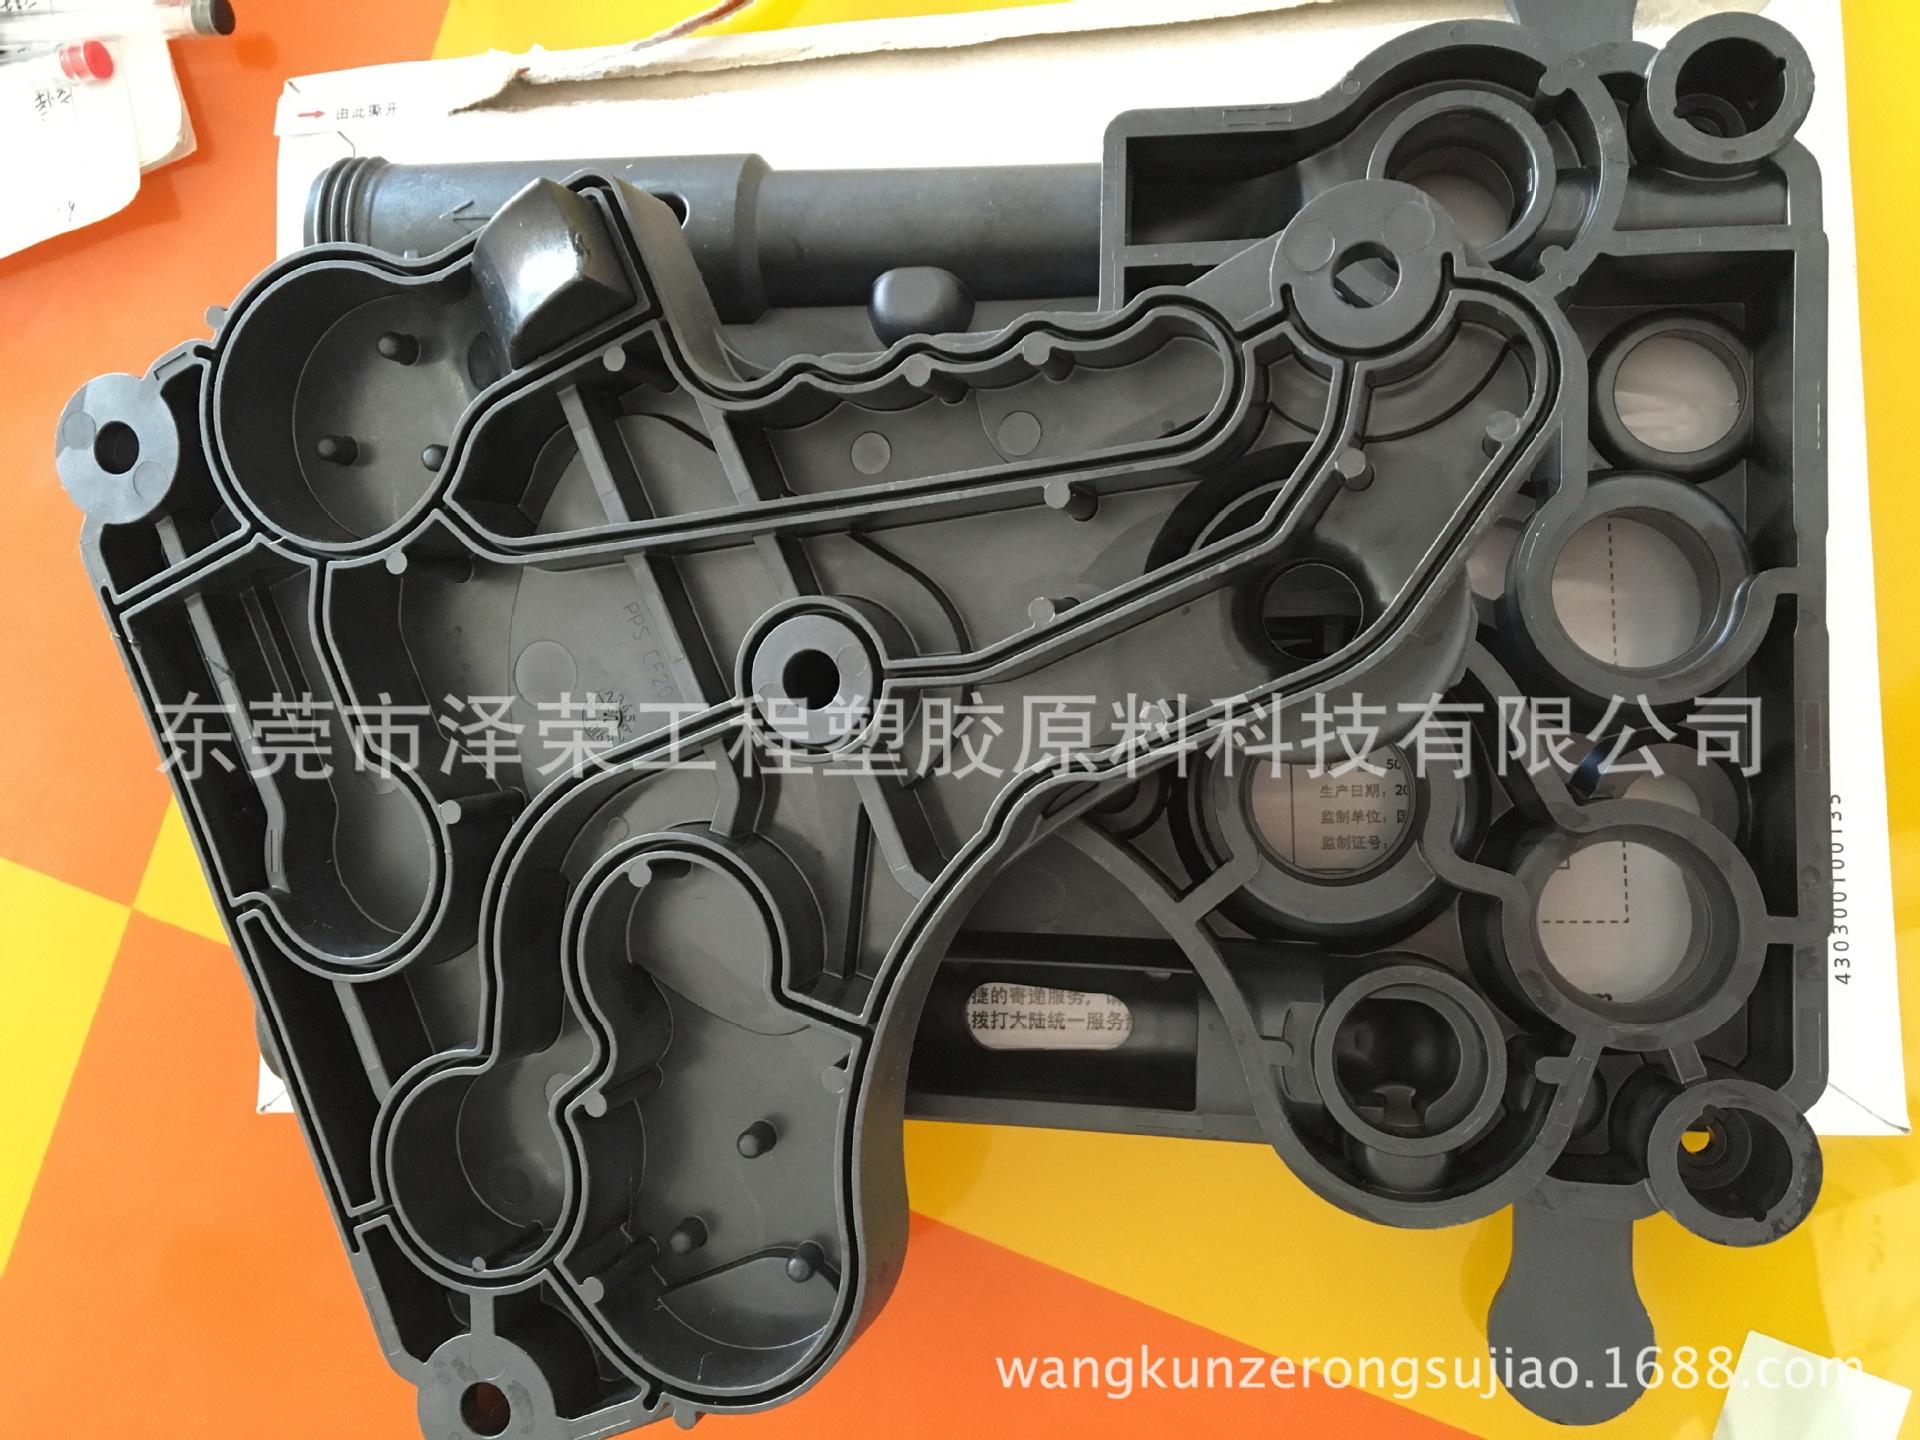 [厂家生产] 导电PPS 碳纤维增强 聚苯硫醚工程塑料 物流送货上门